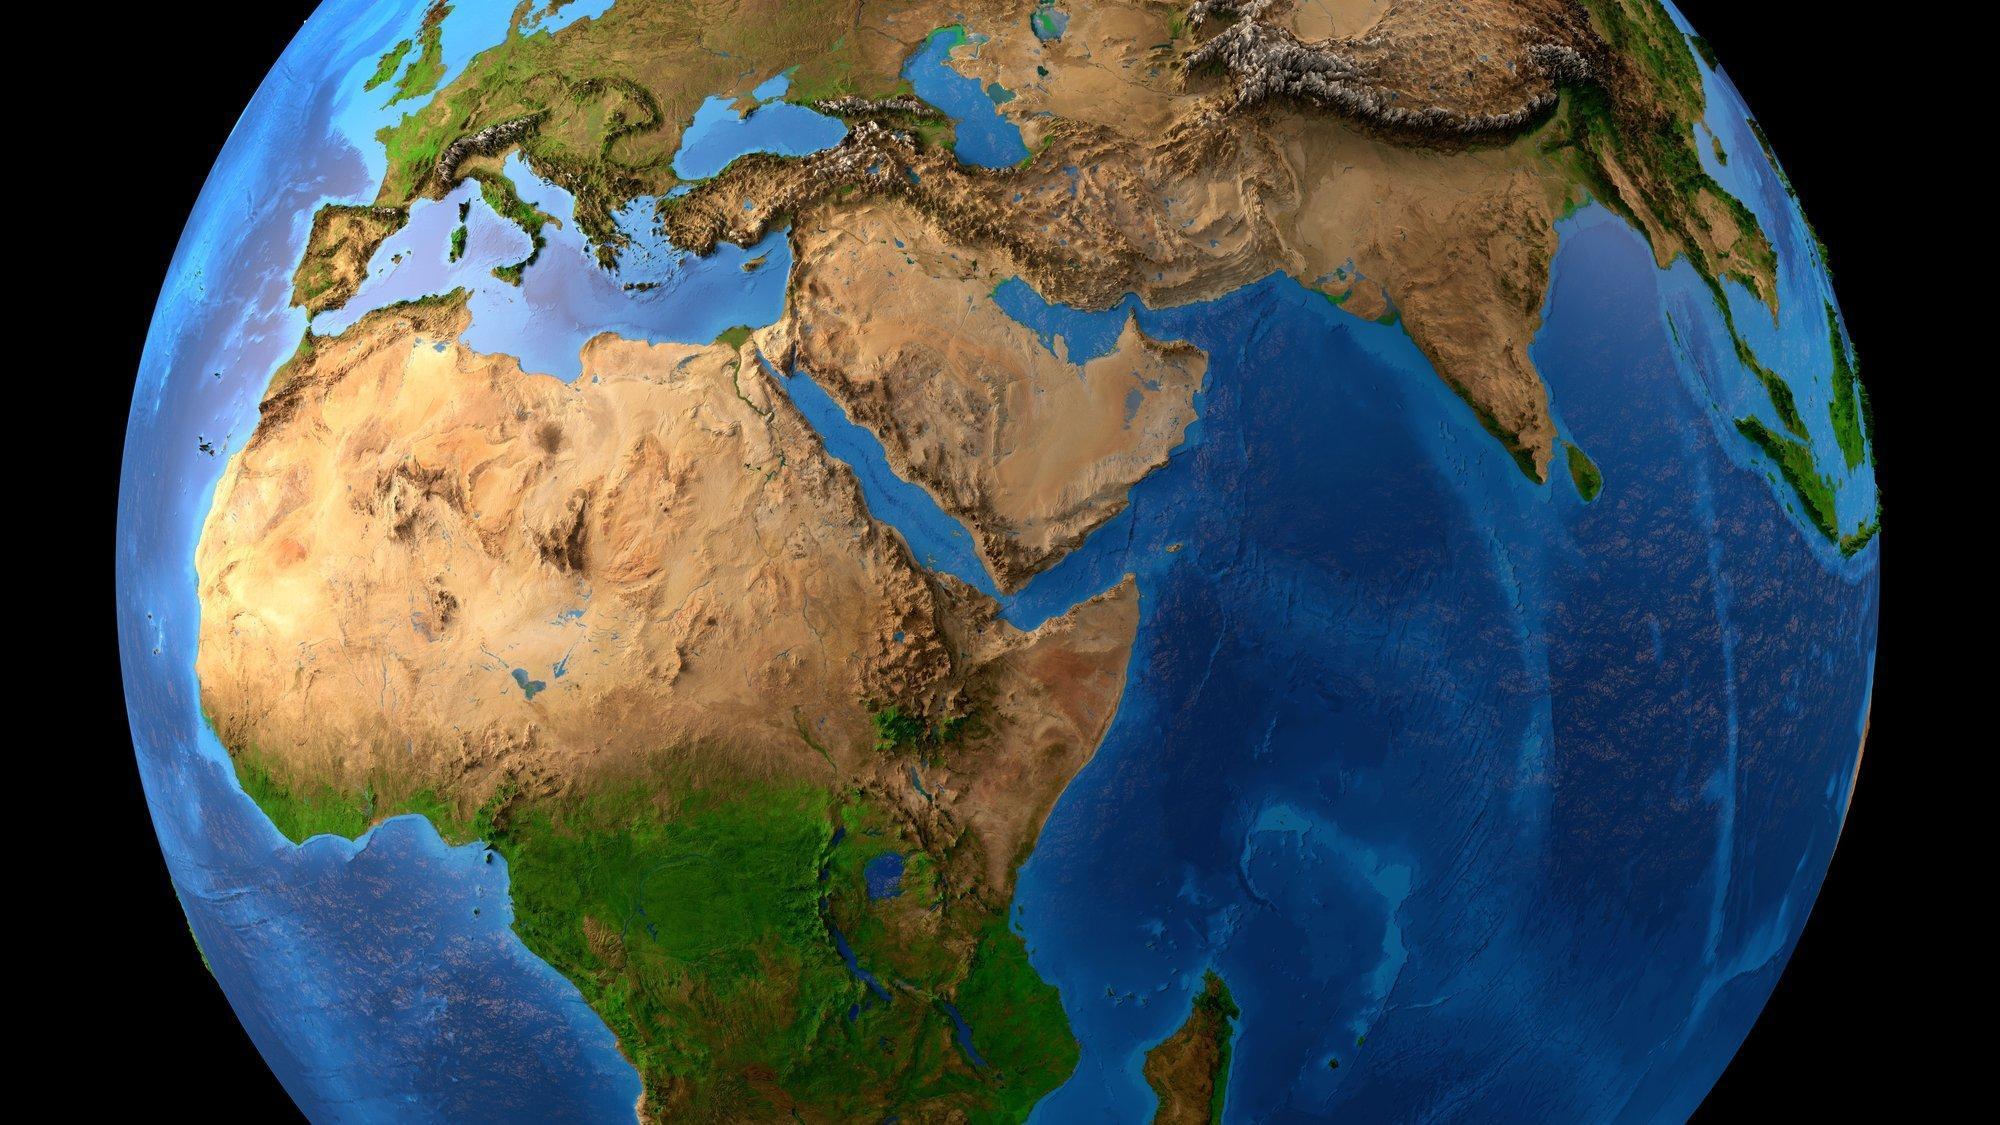 Eine geographische Darstellung der Erde.